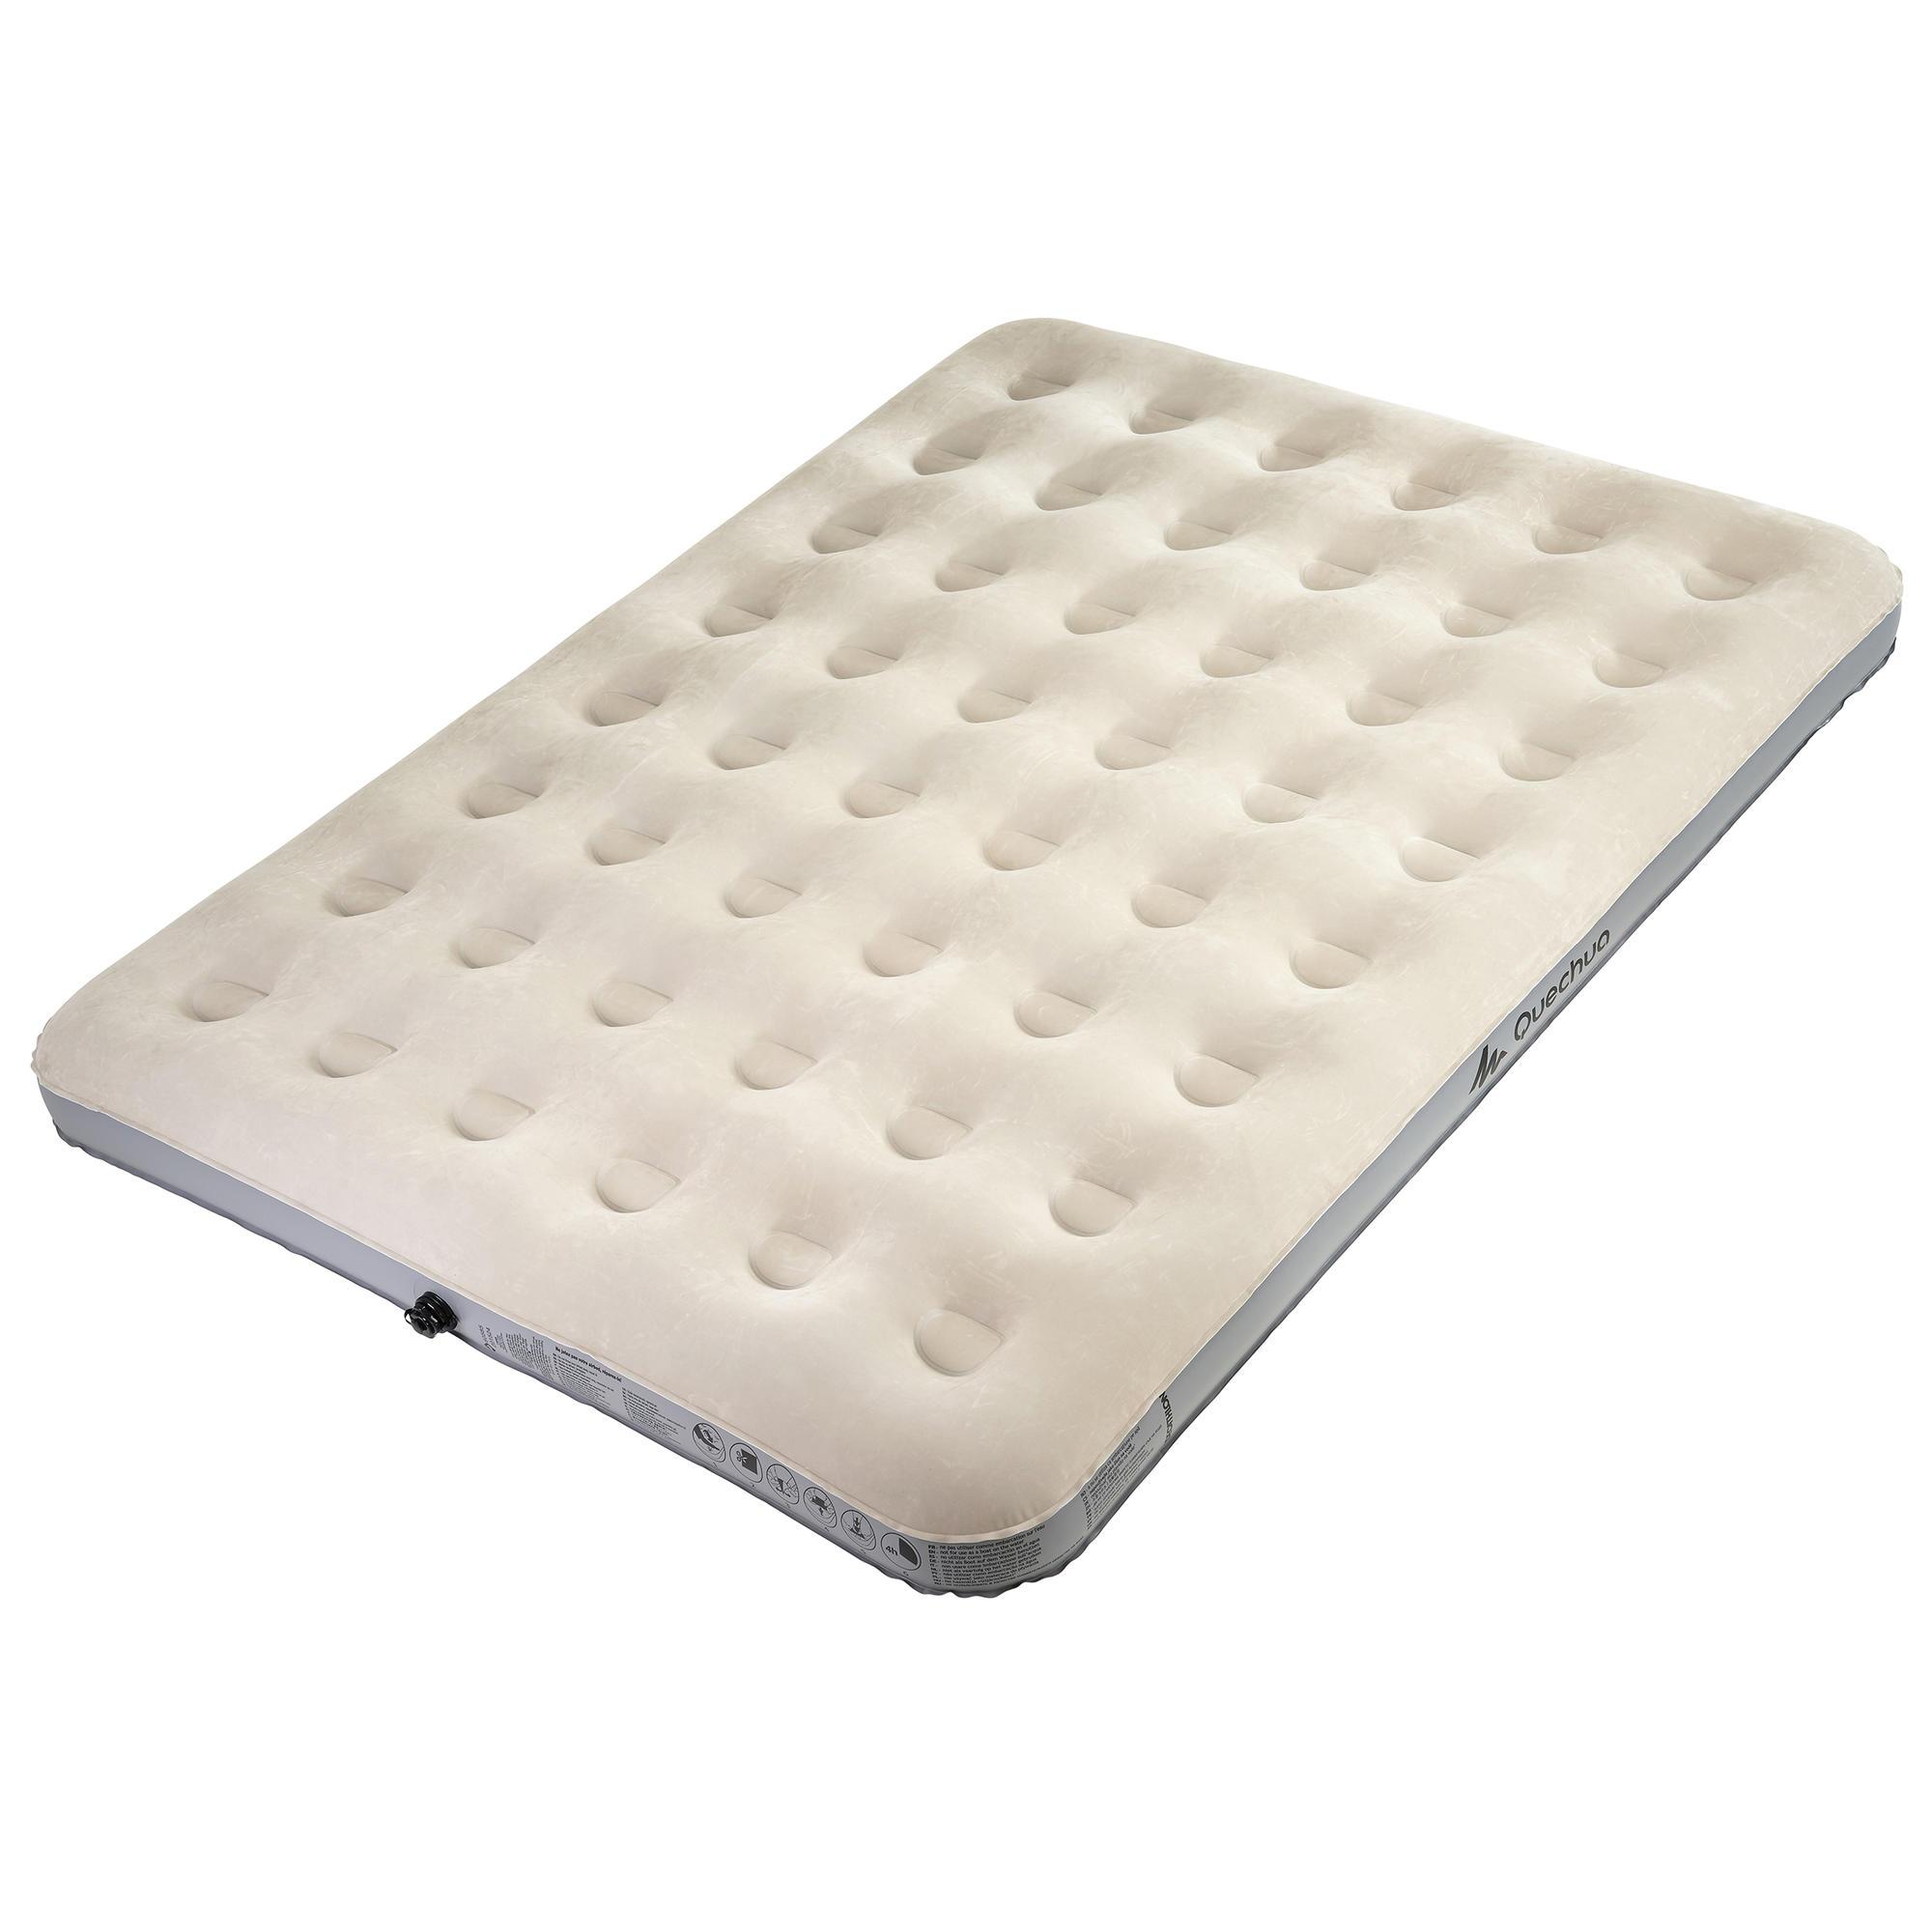 heavy buy raised domoom best air elegant to where duty mattress reviews kingsdown of